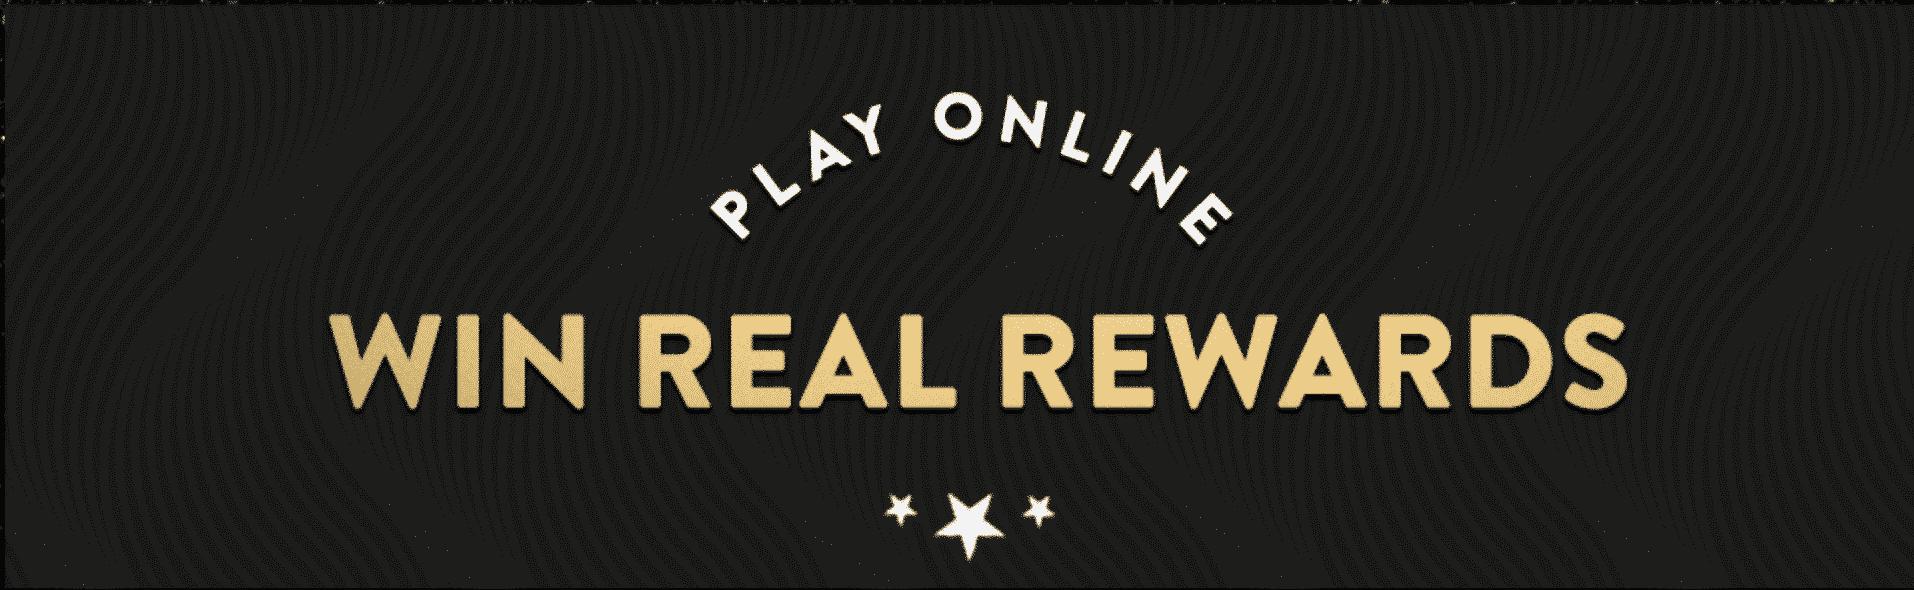 top online casino uk